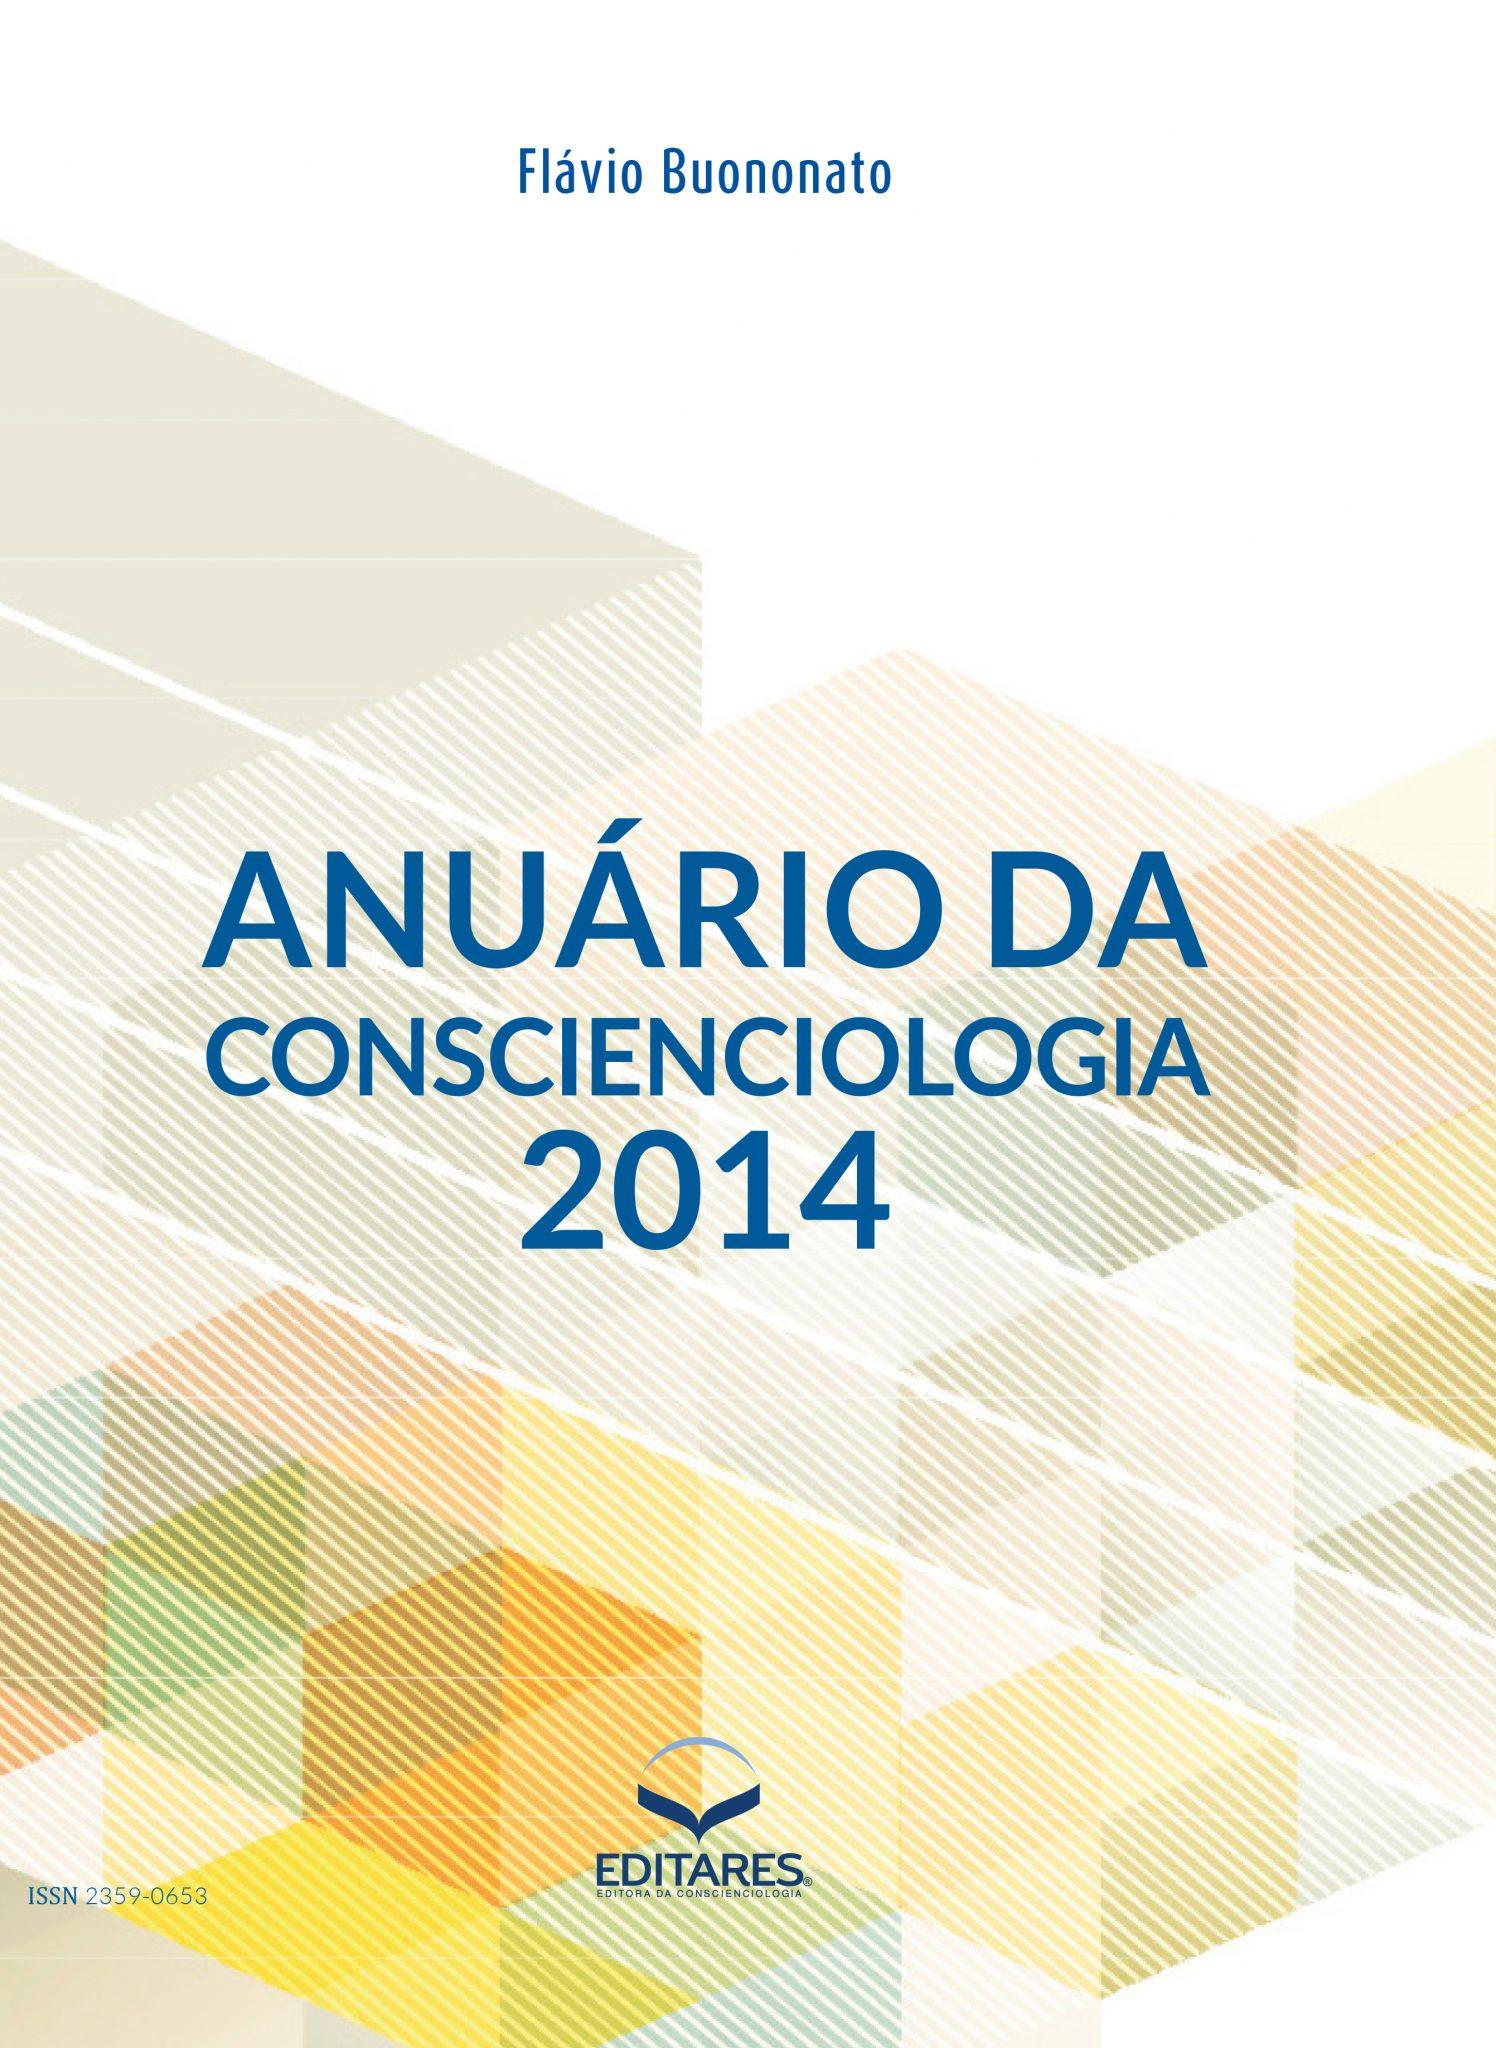 Anuário da Conscienciologia 2014